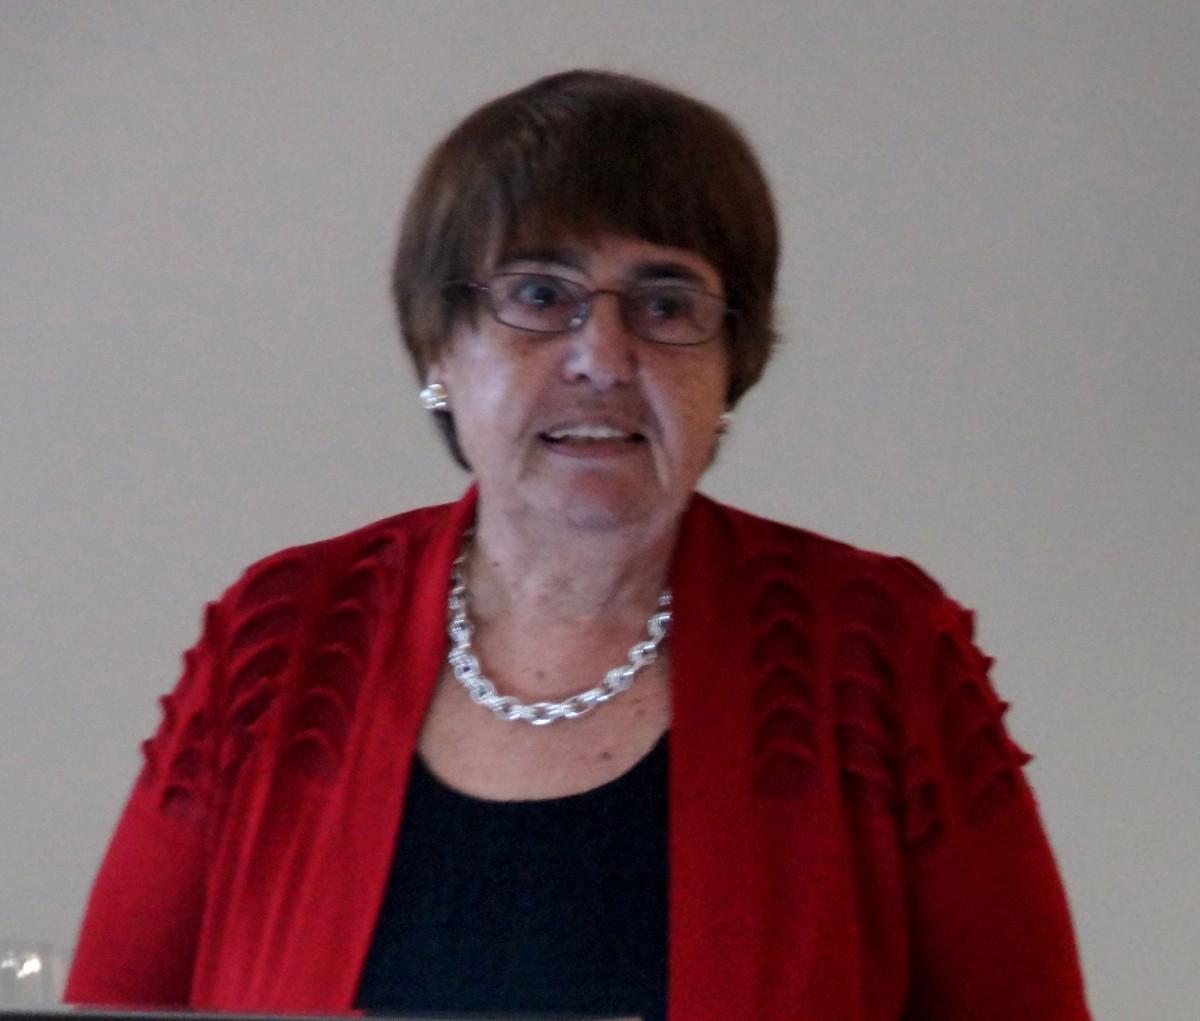 Εικ. 1. Η καθηγήτρια Όλγα Παλαγγιά